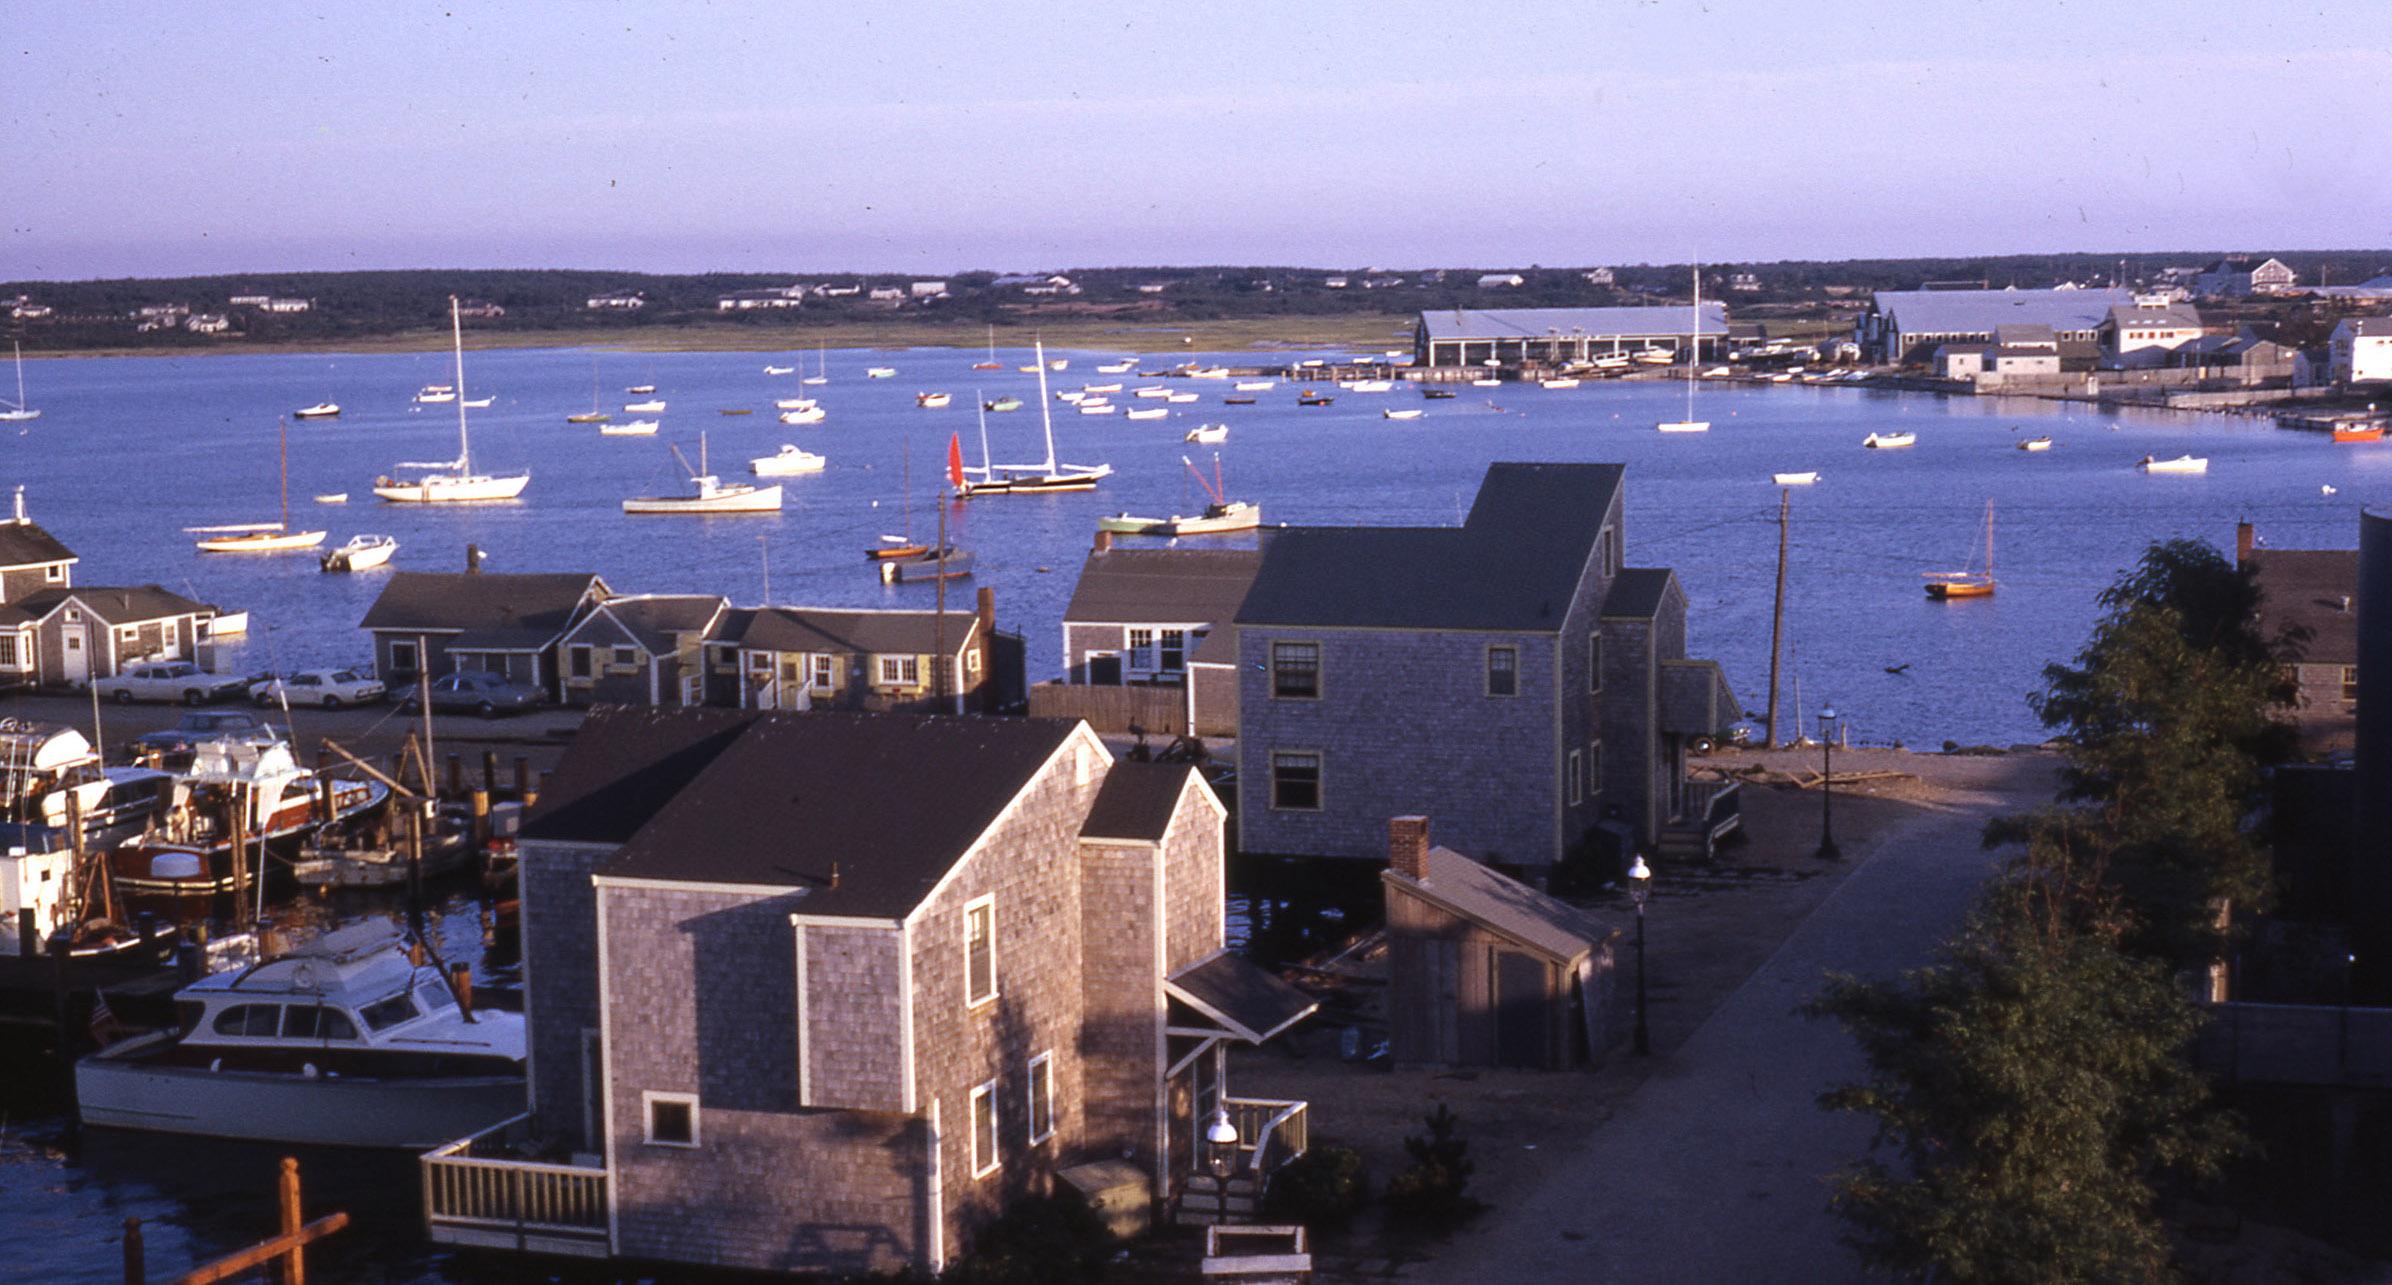 1968 - September - New Whale Street at Nantucket BOat Basin.jpg